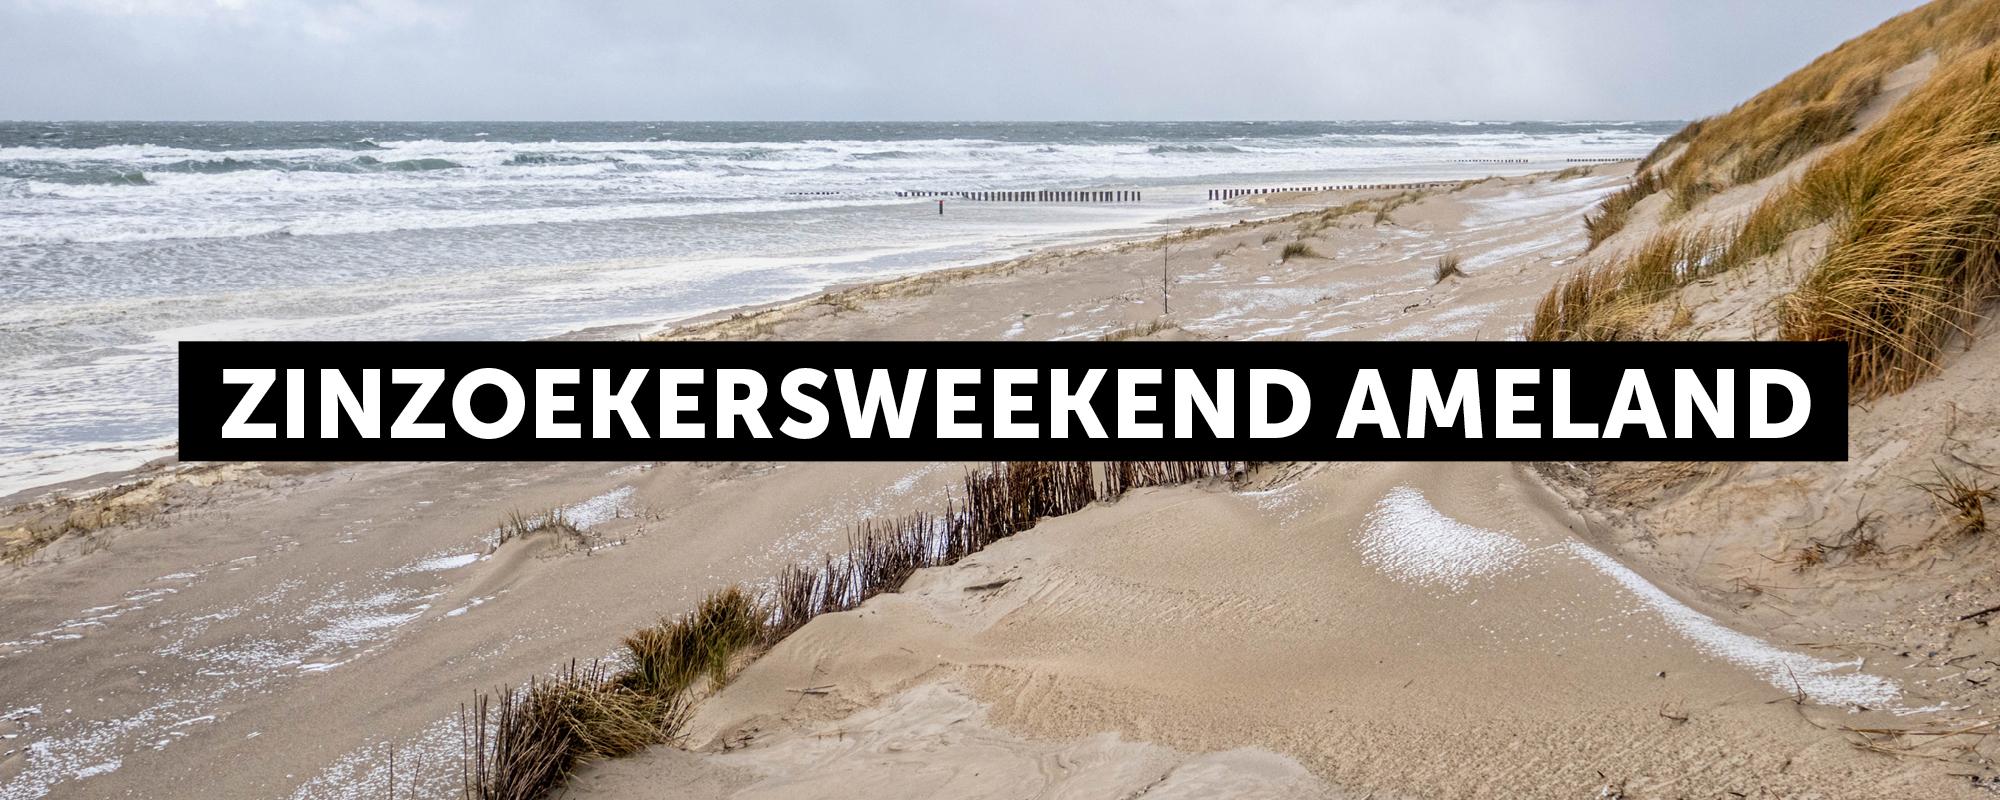 Zinzoekers-weekend Ameland: Unplugged